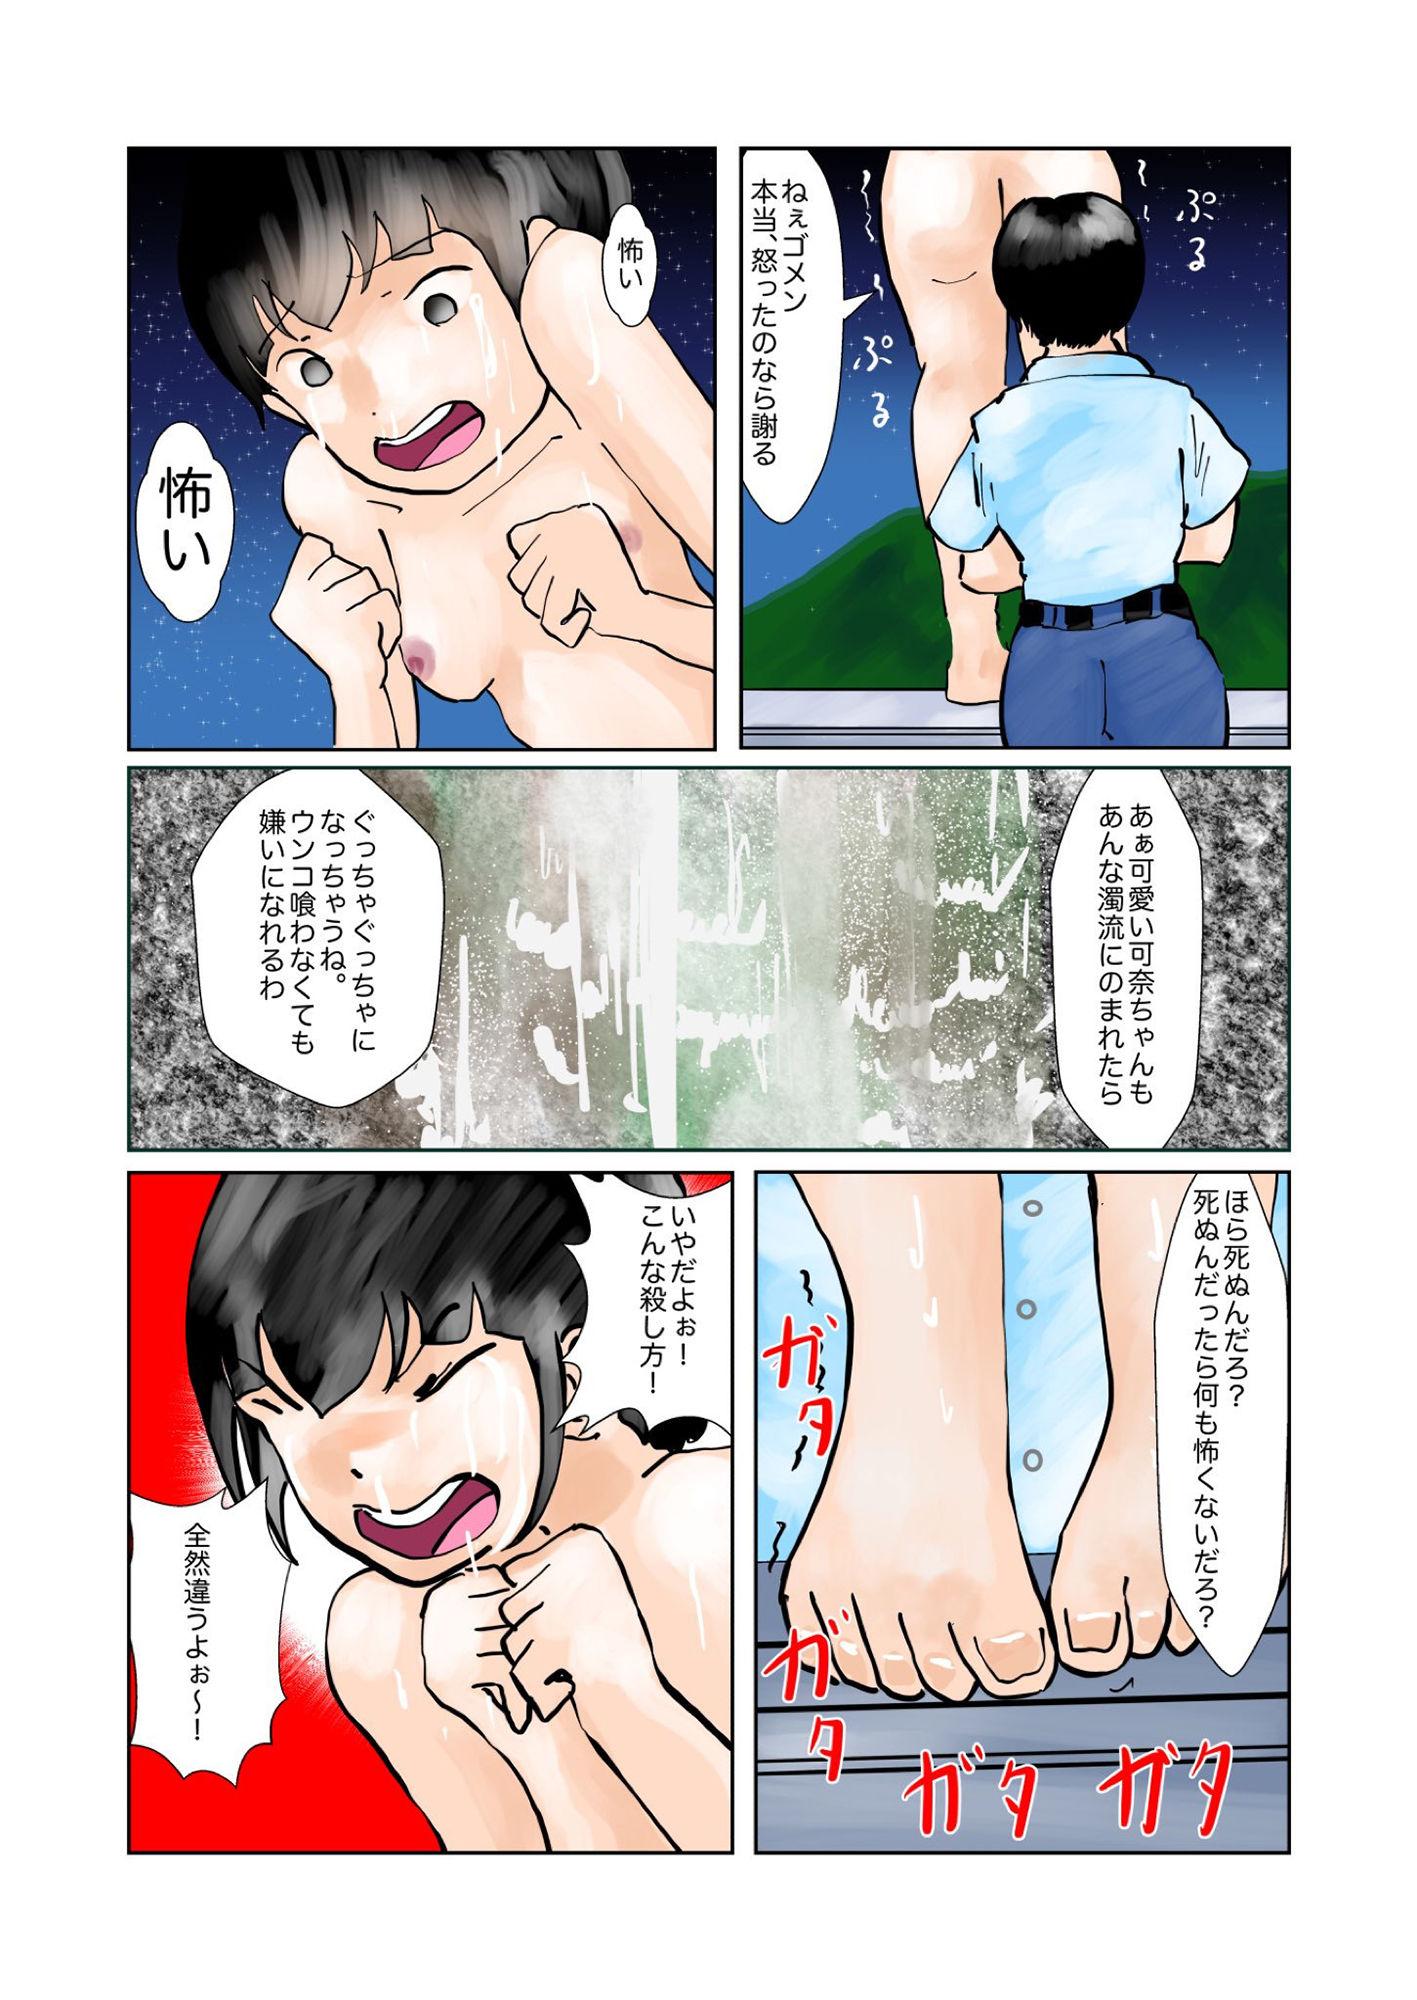 可奈ちゃんの彼氏になるために第2話